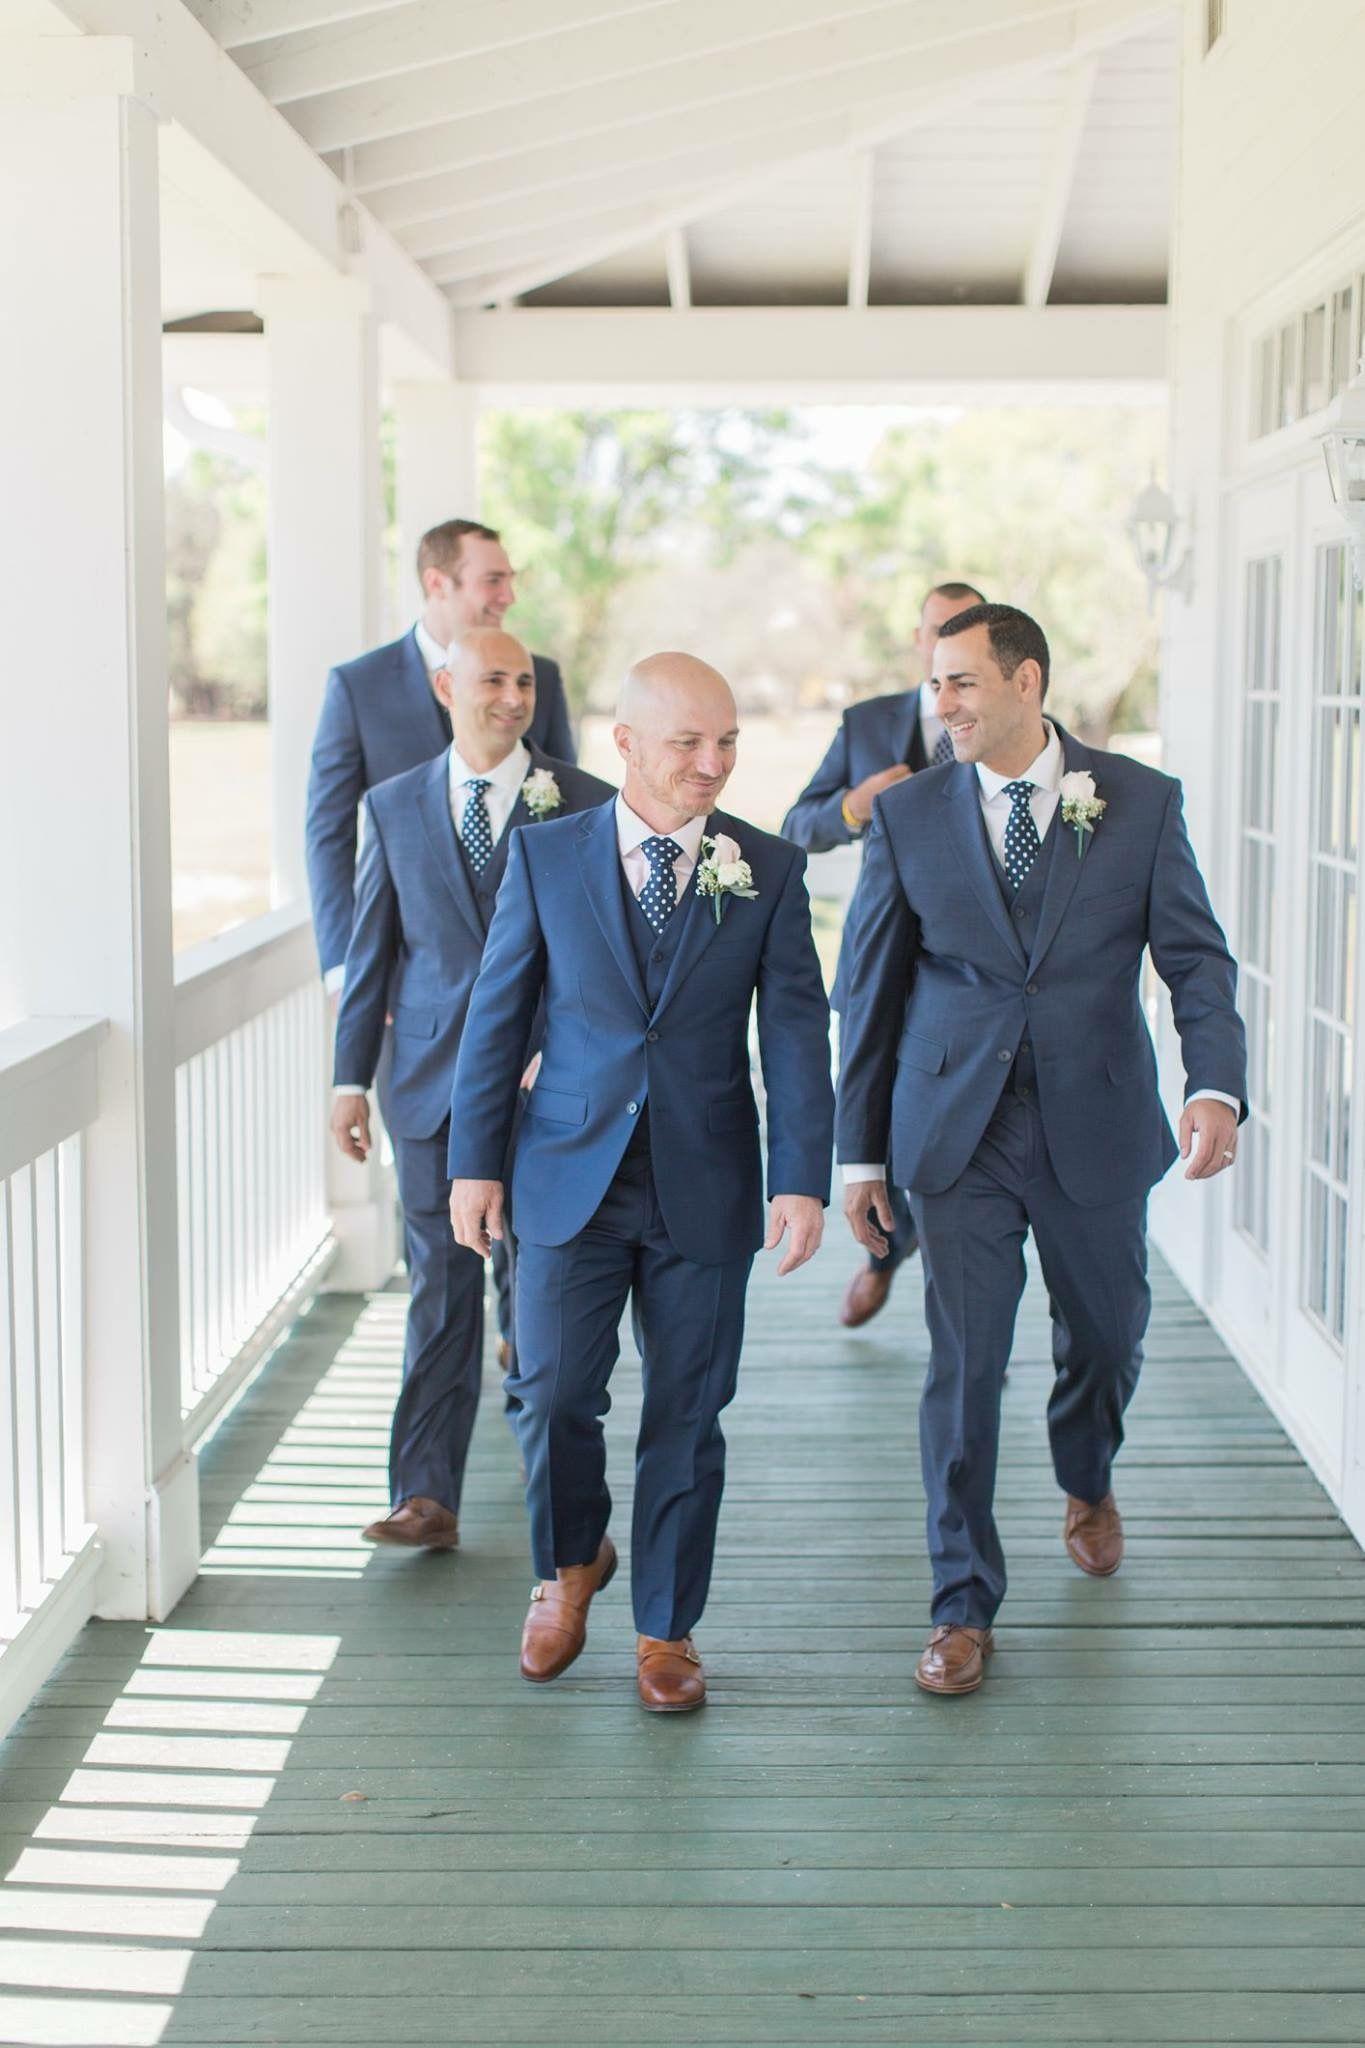 Groomsmen Navy Suit Brown Shoes | Big Day | Pinterest | Navy suit ...